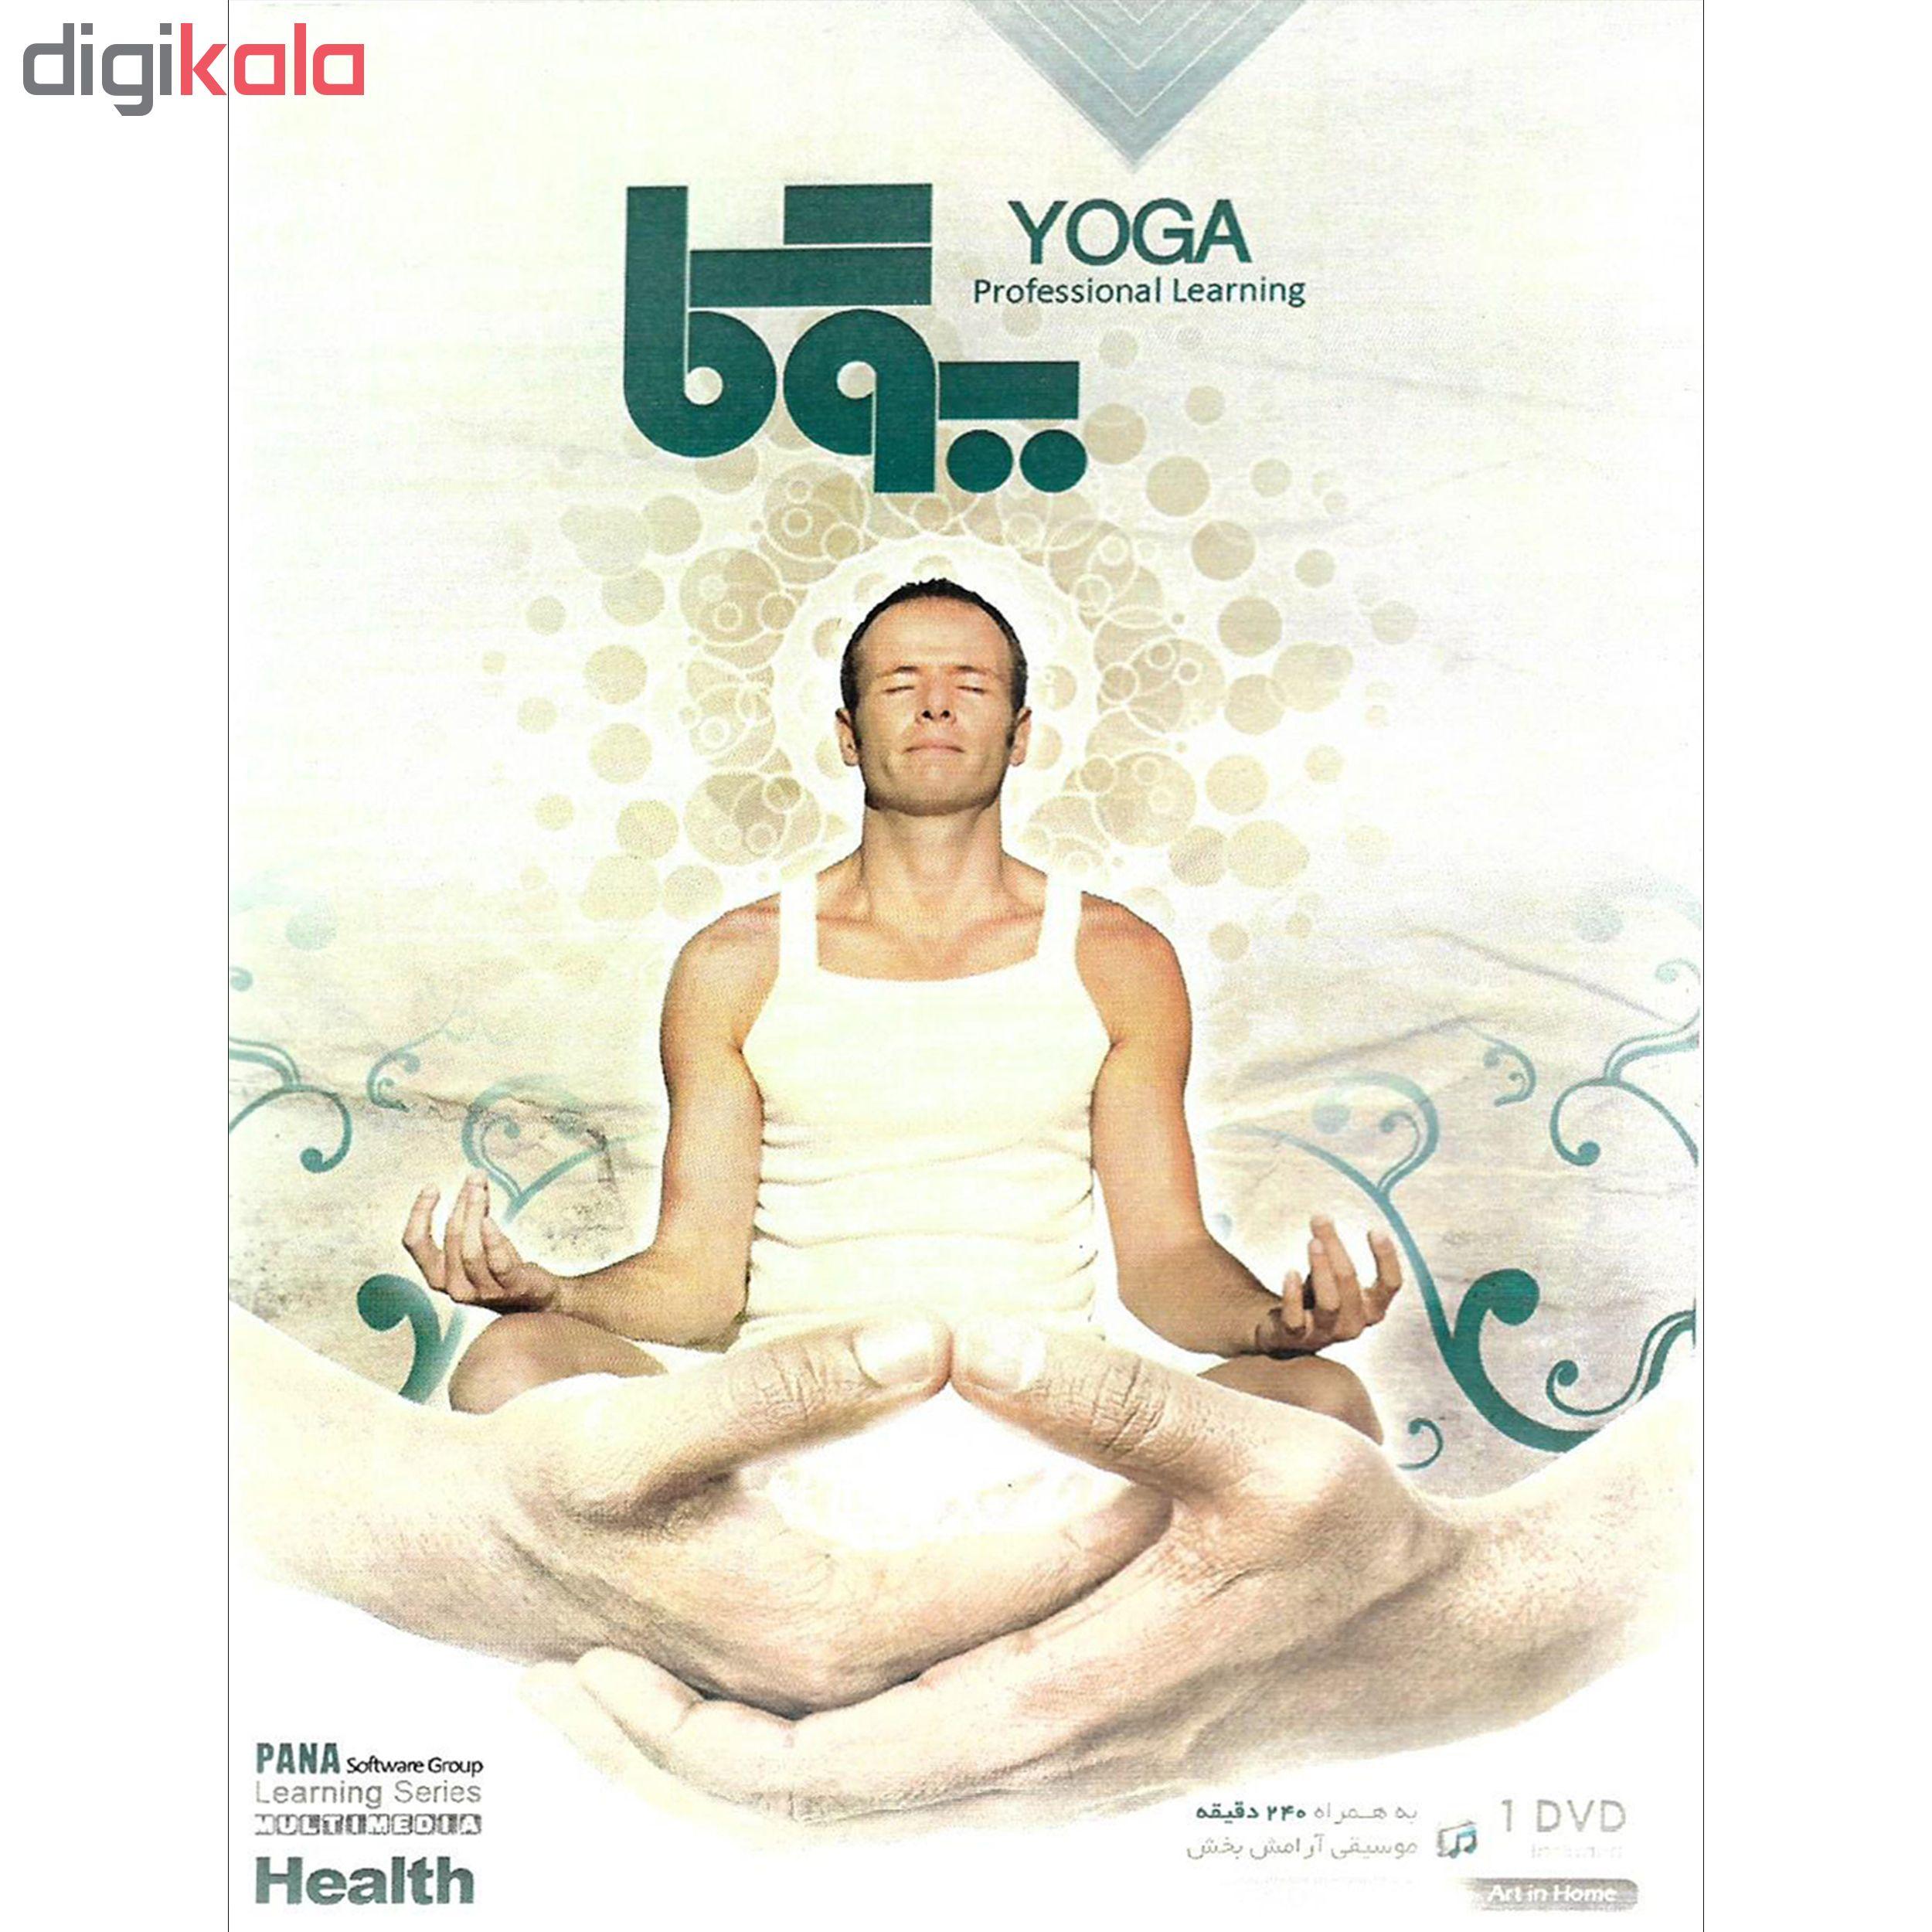 نرم افزار آموزشی یوگا و مدیتیشن نشر پدیده به همراه نرم افزار آموزشی یوگا نشر پانا